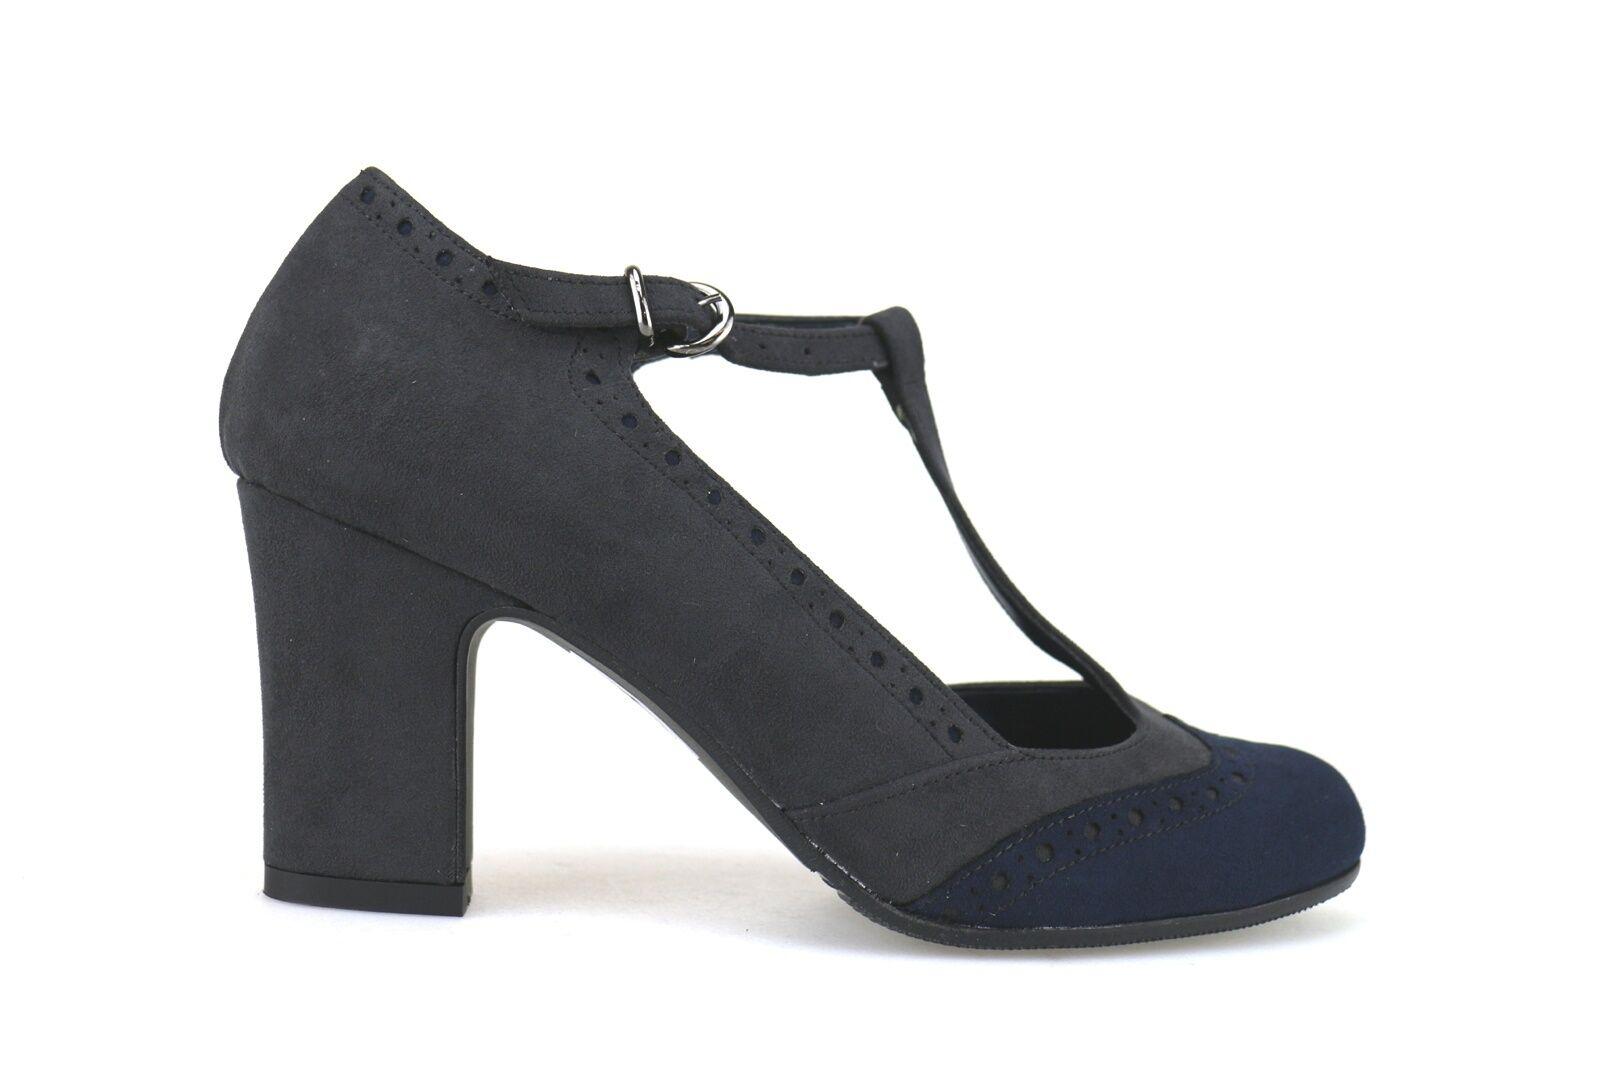 scarpe donna BOTTEGA LOTTI 39 decolte' grigio / blu camoscio AJ553-F